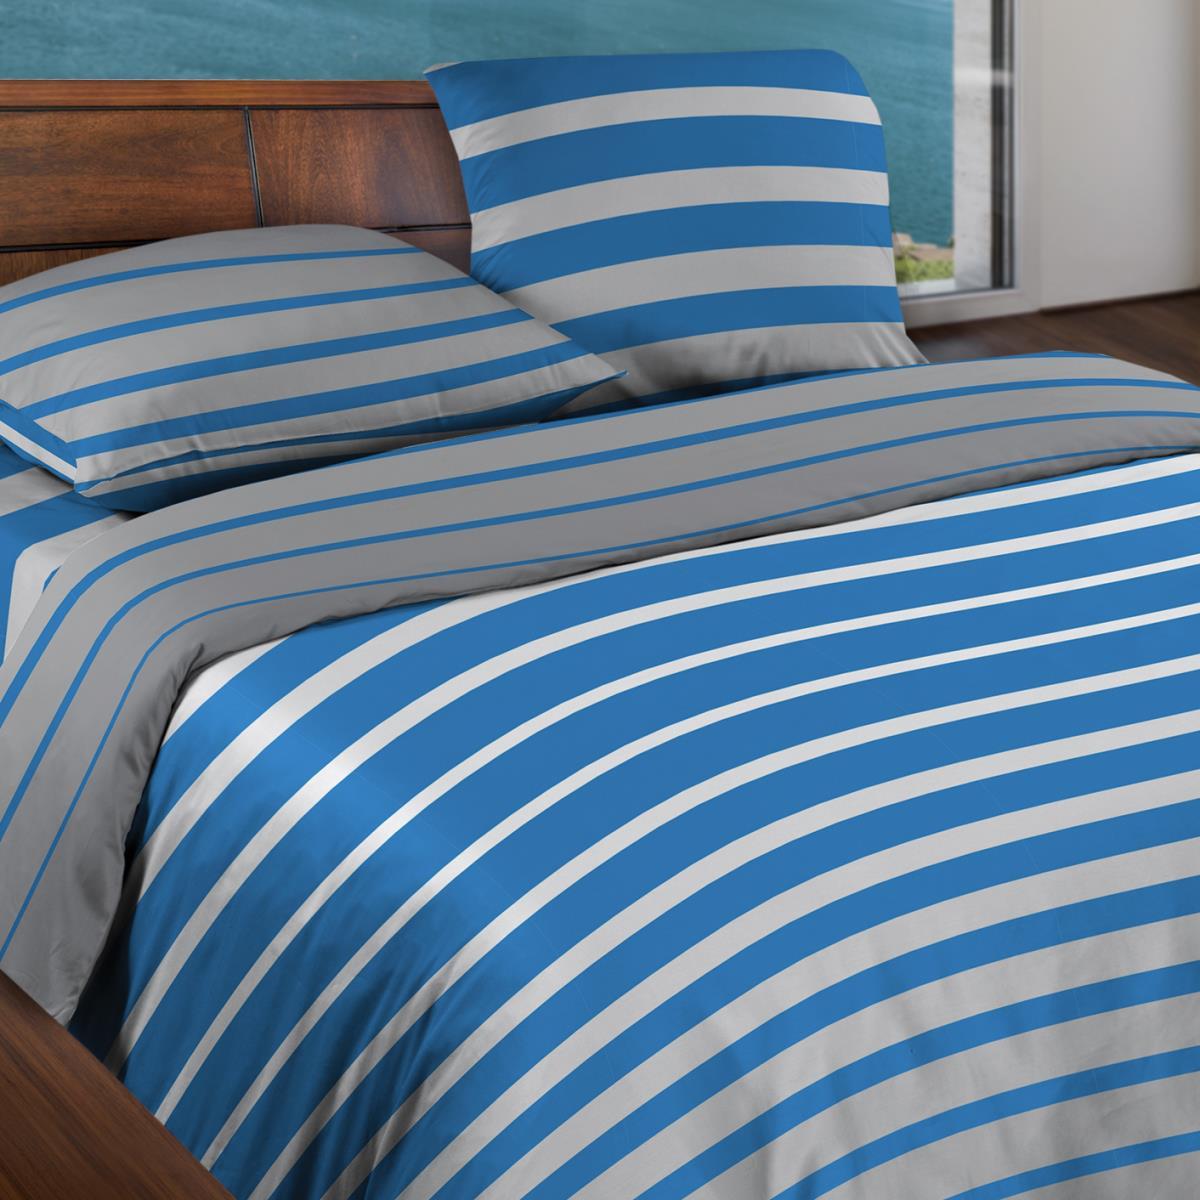 КПБ Евро БИО Комфорт WENGE Motion КБВм-41 рис.15184 вид 5 Stripe Blue (366592)Постельное бельё<br><br> Постельное белье коллекции «WENGE Motion» - белье с яркими дизайнами, построенными на плавном перетекании чистых цветов, задает радостное настроение на весь день! Этот качественный продукт, выполненный из бязи БИОкомфорт высокой плотности. Ткань полотняного переплетения с высокими показателем износостойкости, приятная и мягкая на ощупь, имеет ровную и гладкую поверхность, не теряет яркости при многократных стирках.<br><br><br> Размеры:<br><br> Пододеяльник: 215*220 см (1 шт).<br> Простынь: 220*240 см (1 шт).<br> Наволочки: 70*70 см (2 шт).<br><br>Характеристики<br><br><br><br><br> Цвет<br><br><br> Голубой, Серый<br><br><br><br><br> Тип рисунка<br><br><br> Полоска<br><br><br><br><br> Материал<br><br><br> Бязь<br><br><br><br><br> Торговая марка<br><br><br> Wenge<br><br><br><br><br> Тип товара<br><br><br> Постельное белье<br><br><br><br><br> Размер постельного белья<br><br><br> Евро<br><br><br><br><br> Размер наволочки<br><br><br> 70*70 см<br><br><br><br><br> Стили<br><br><br> С рисунком<br><br><br><br><br> Страна производства<br><br><br> Россия<br><br><br><br><br> Расцветка<br><br><br> Цветное<br><br><br><br><br><br> Производитель: Неотек.<br><br><br> * Цвет товара зависит от настроек вашего монитора и может не соответствовать реальному<br><br>